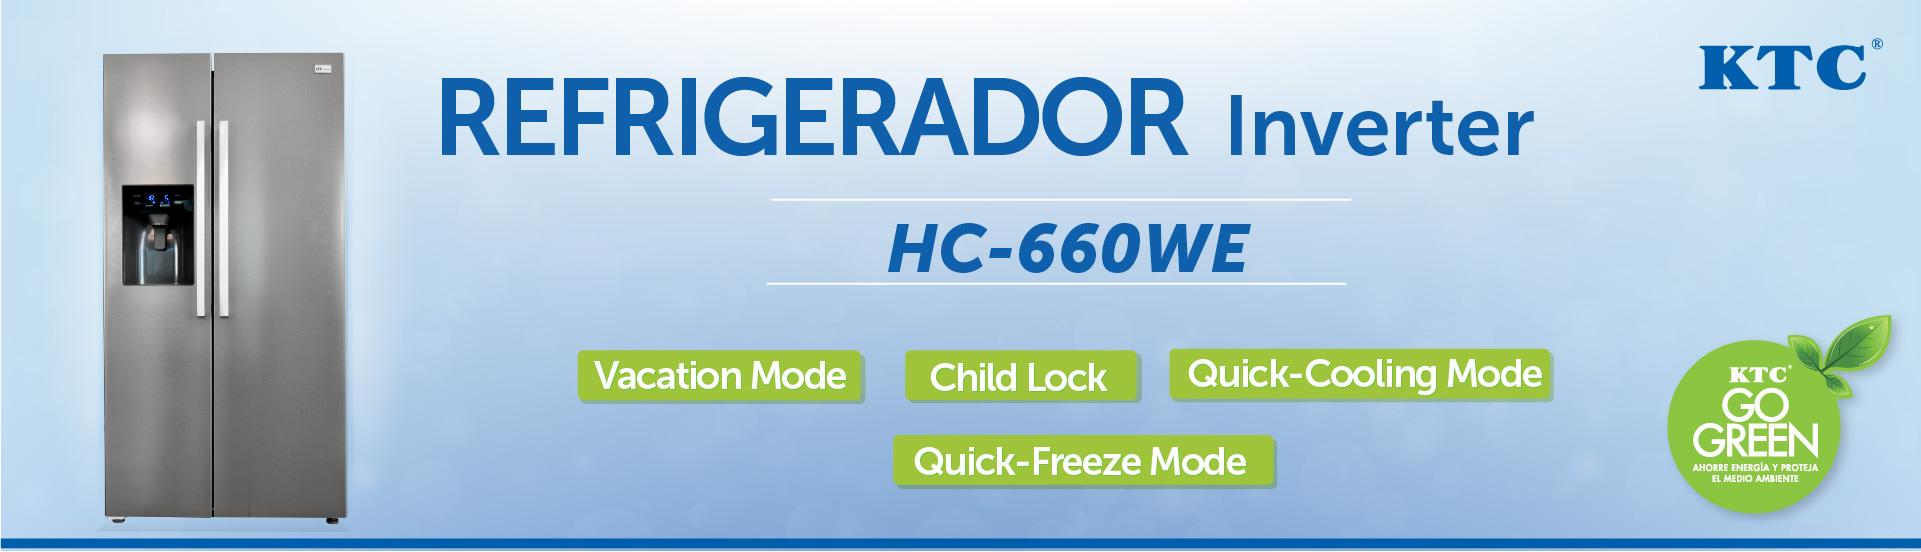 Refrigerador HC660we